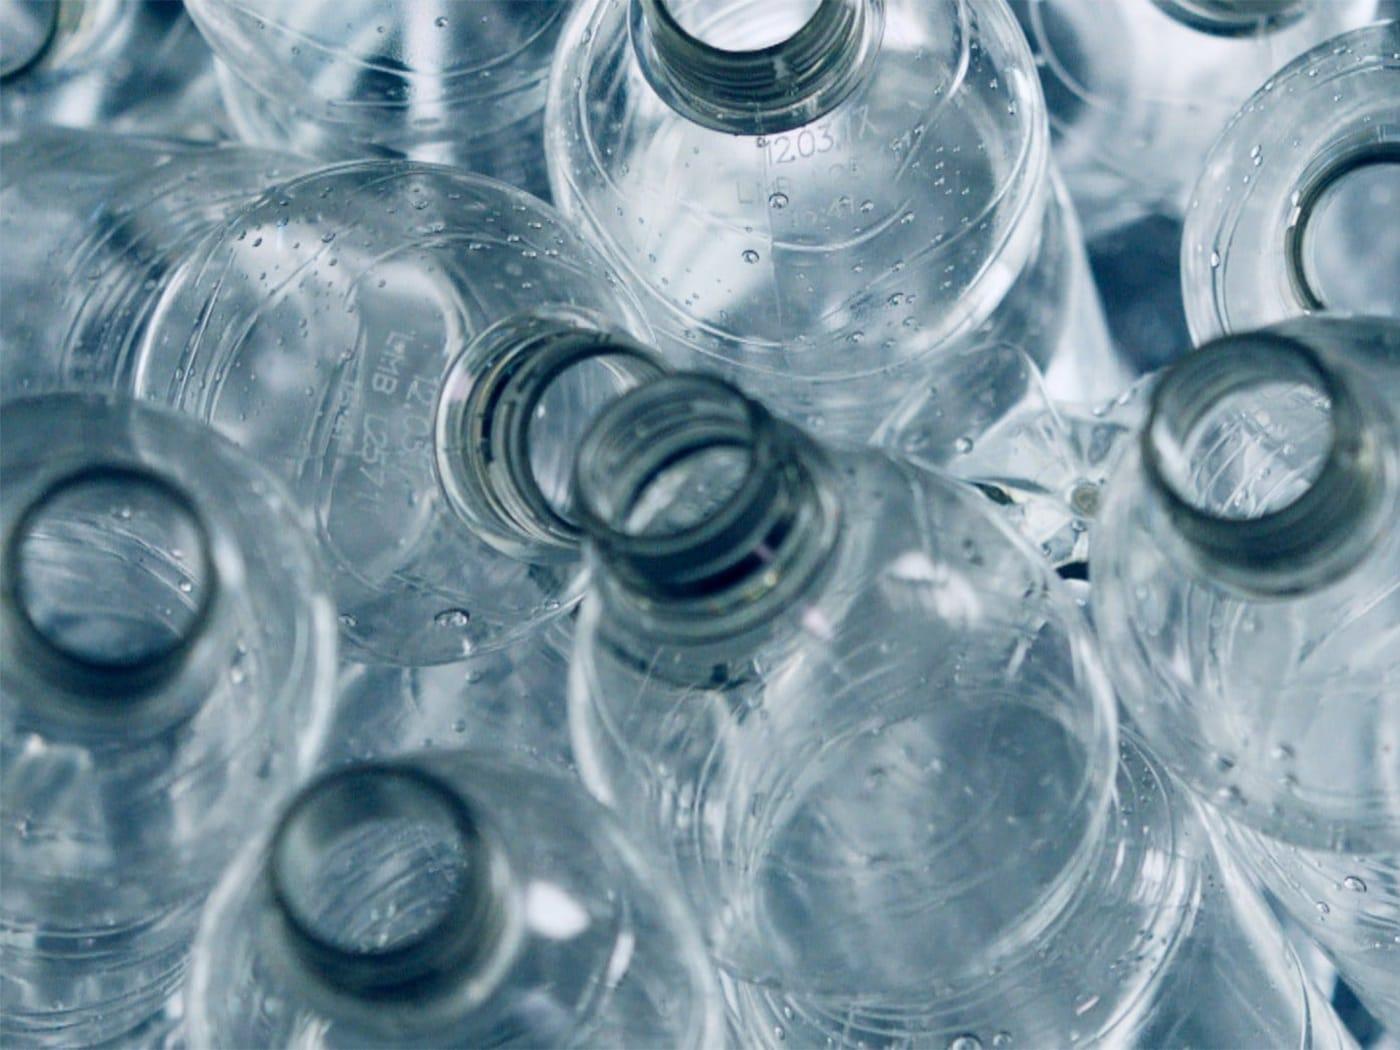 Műanyag PET palackok várják az újrahasznosítást.